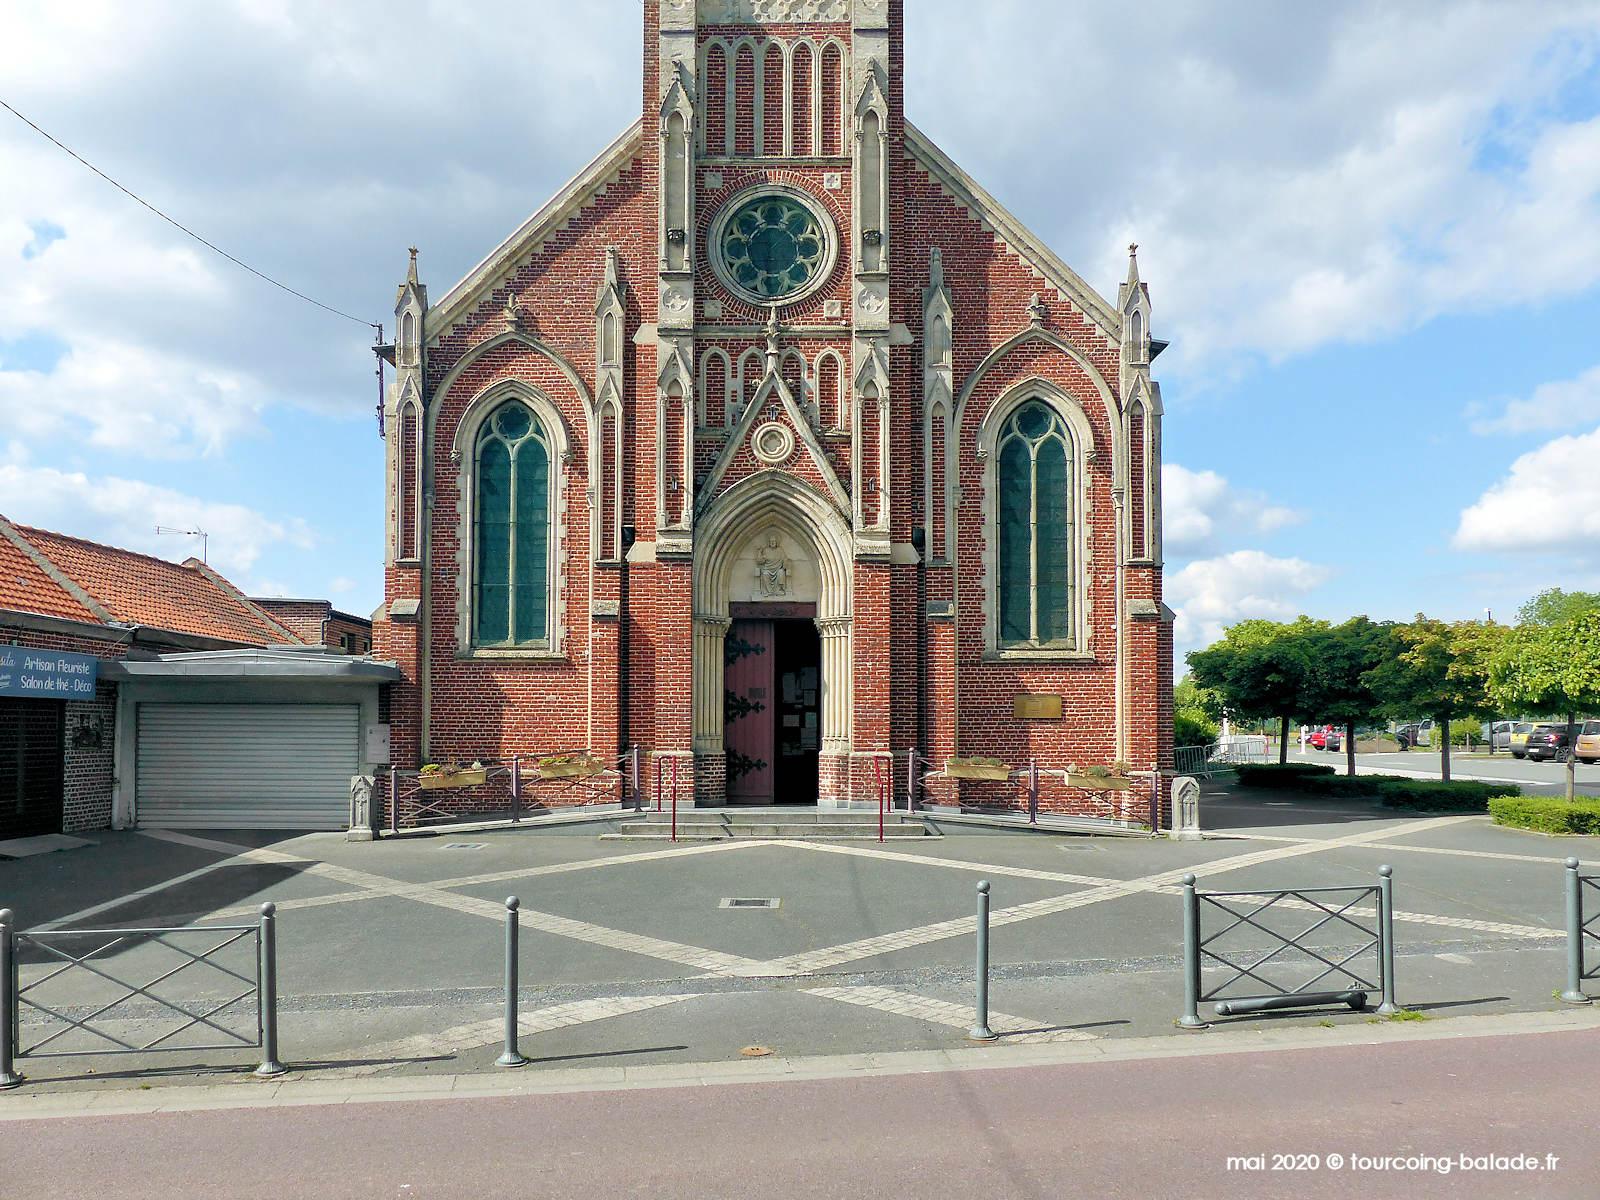 Parvis de l'église Sainte Rita de Vendeville - 2020